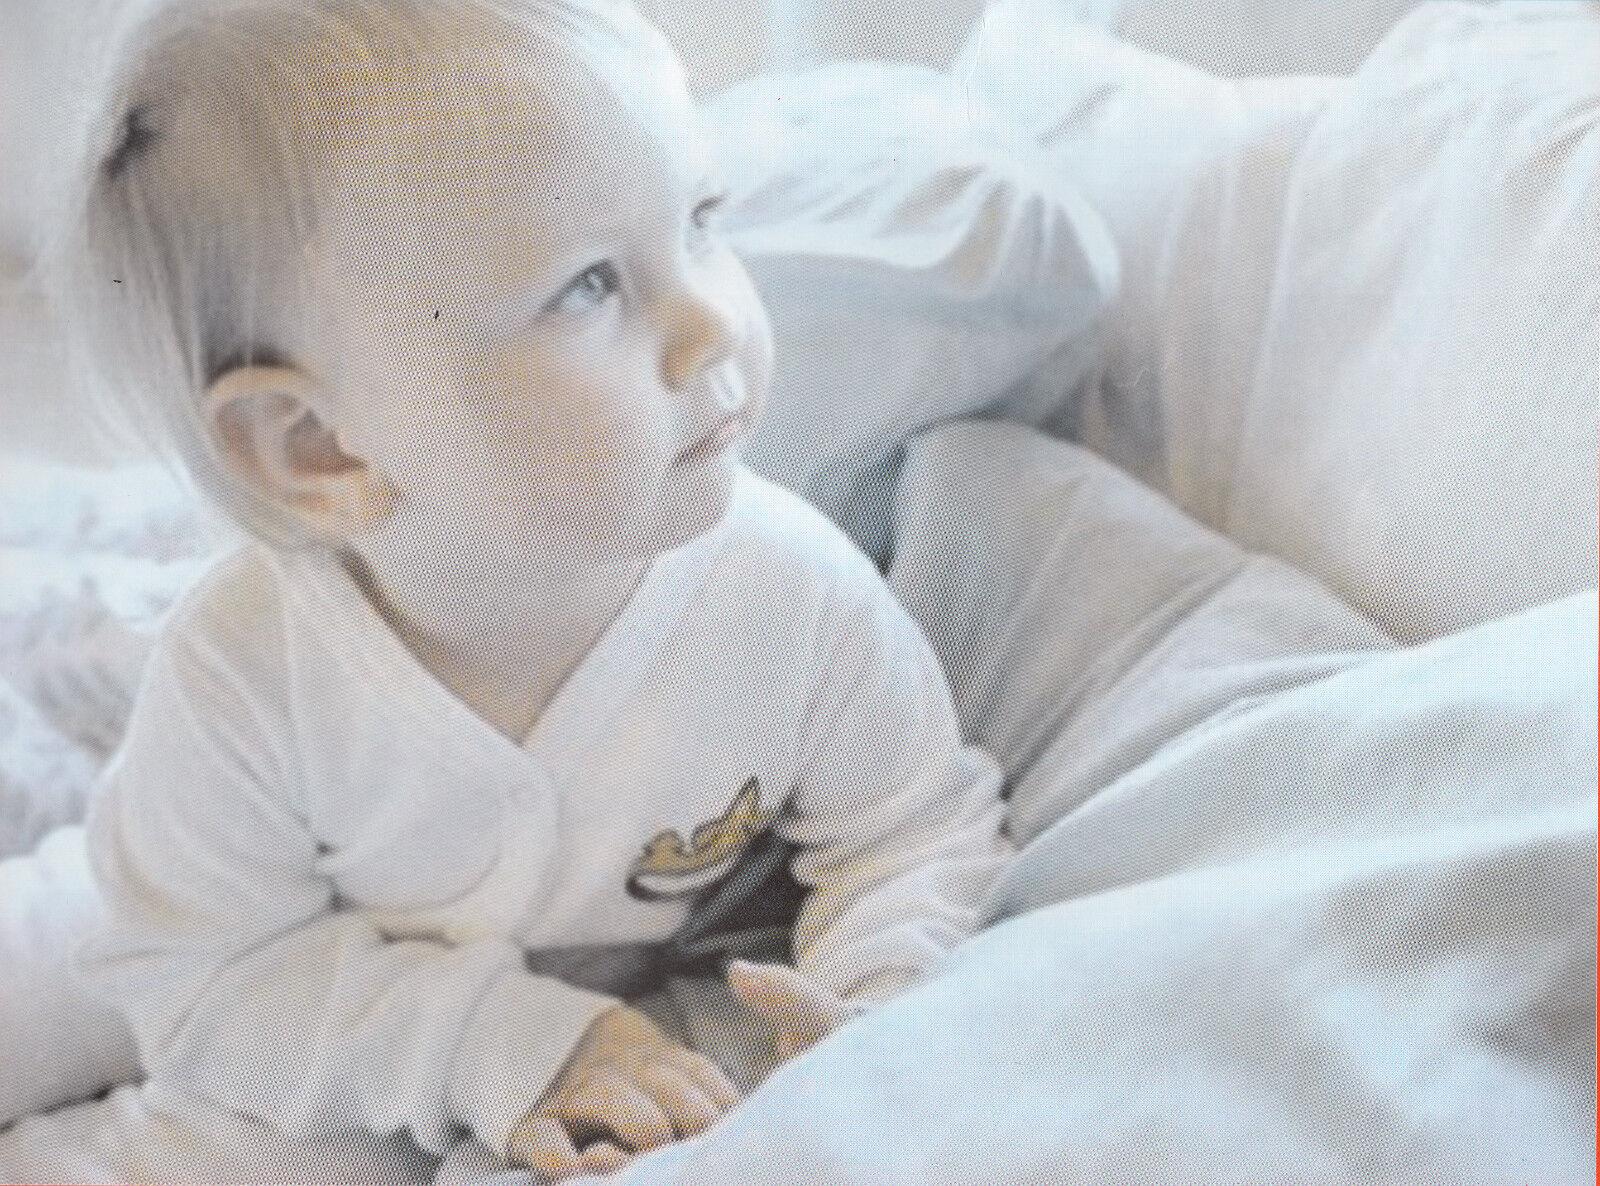 Babybettdecken test vergleich babybettdecken günstig kaufen!